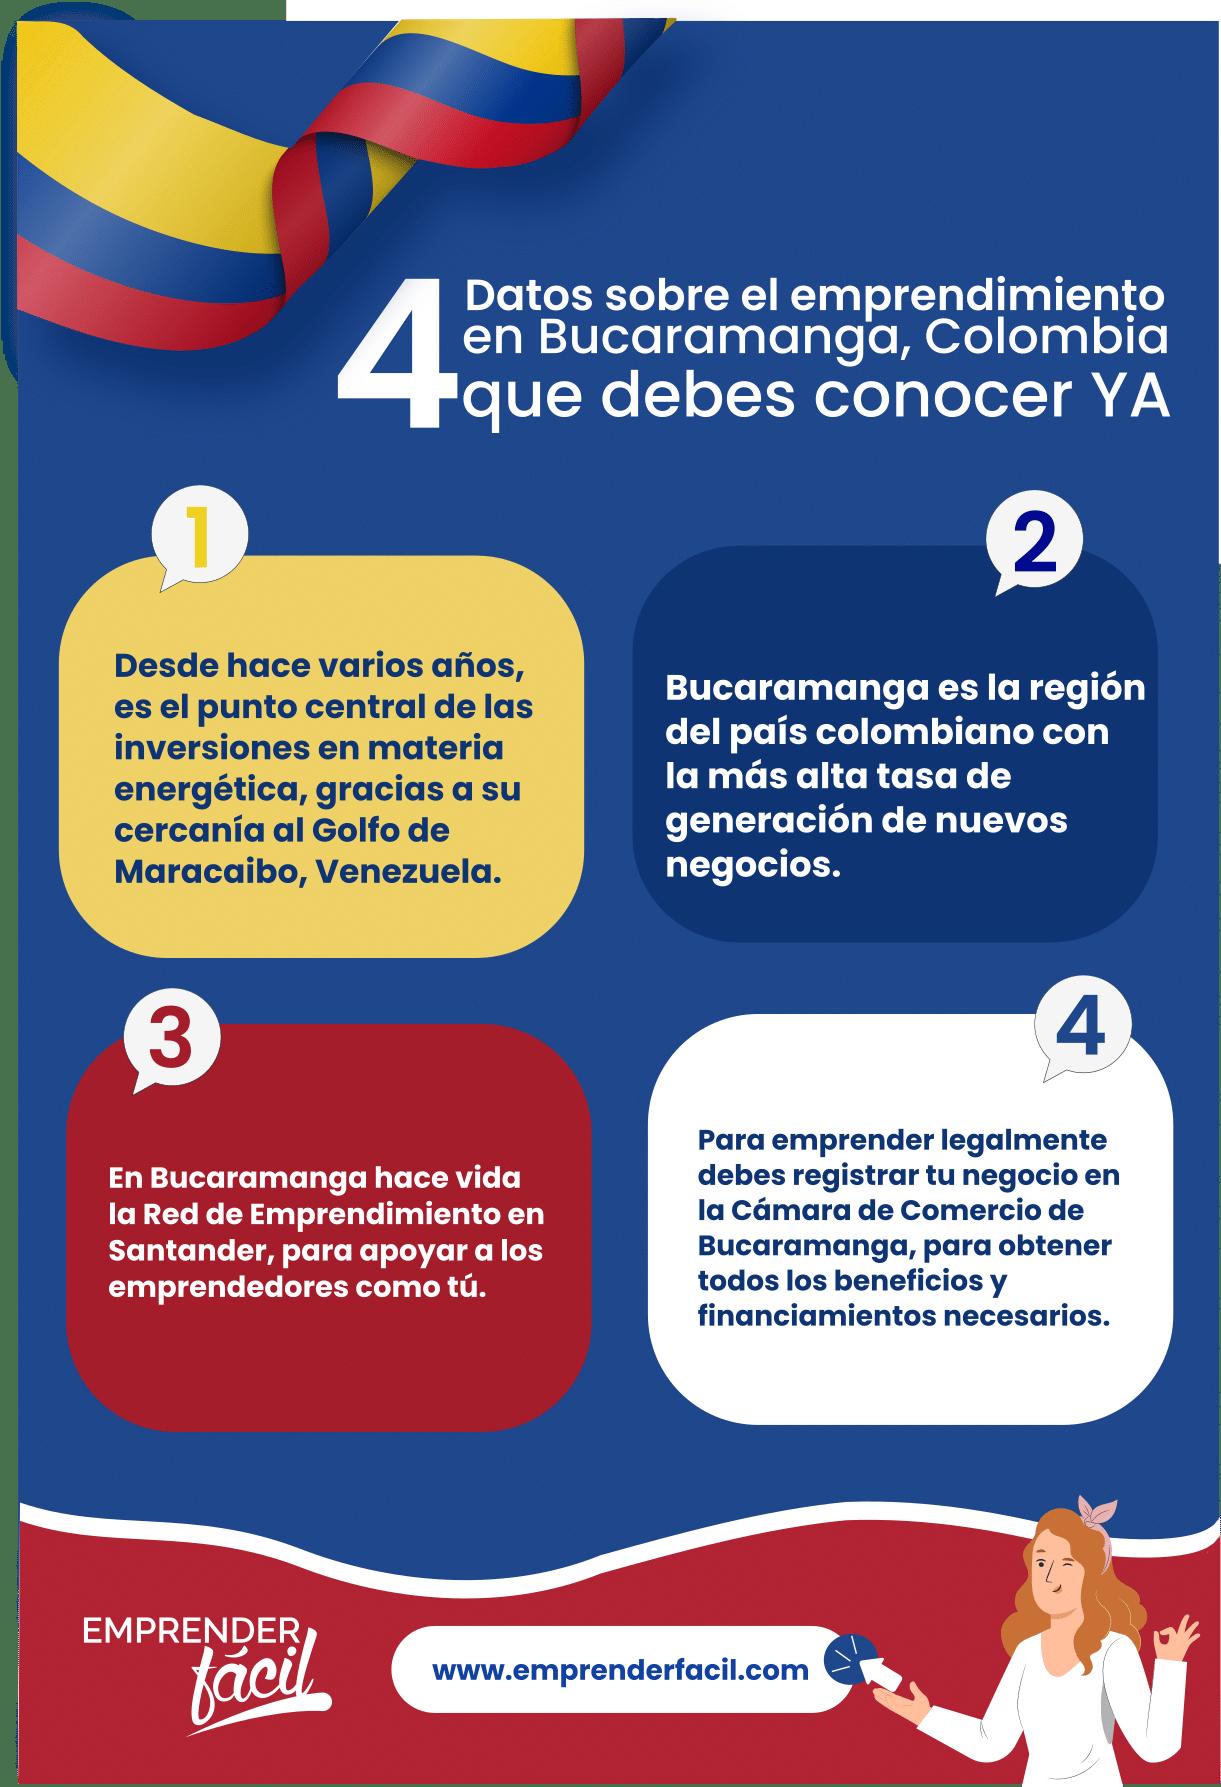 Datos sobre los negocios rentables en Bucaramaga, Colombia.